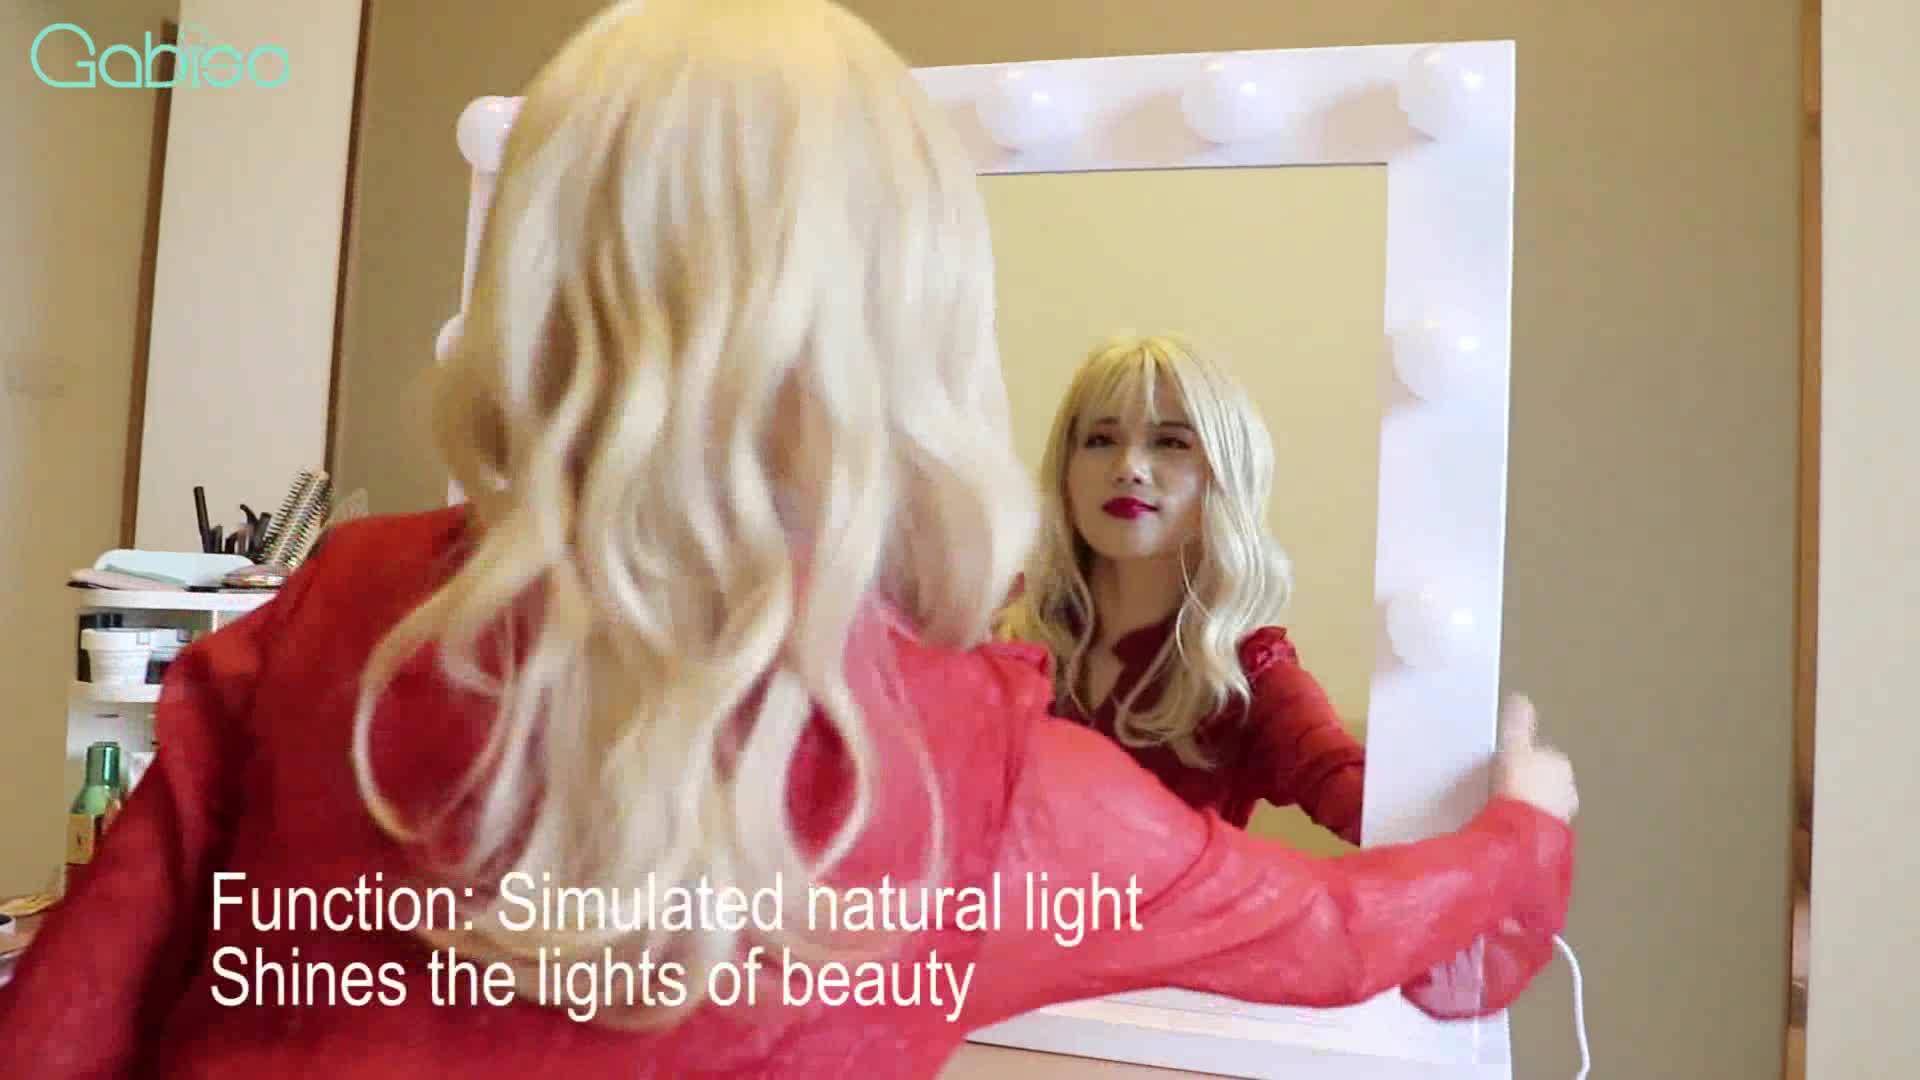 לעבור באופן חופשי בין קיר ושולחן עבודה הוליווד יהירות מראה עם אור עבור איפור מראה סיני ספק